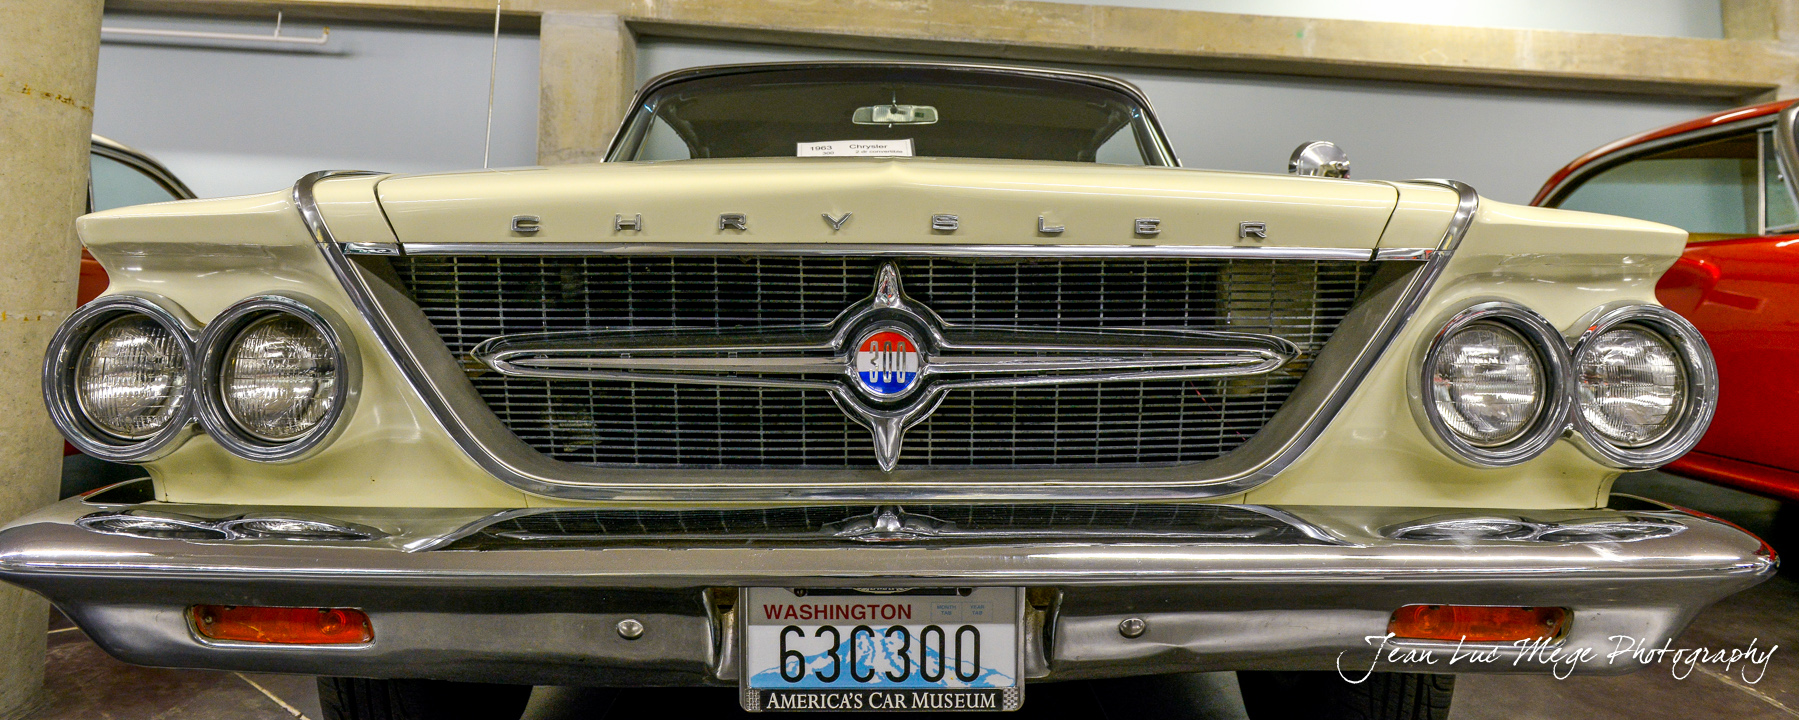 LeMay Car Museum-8723.jpg